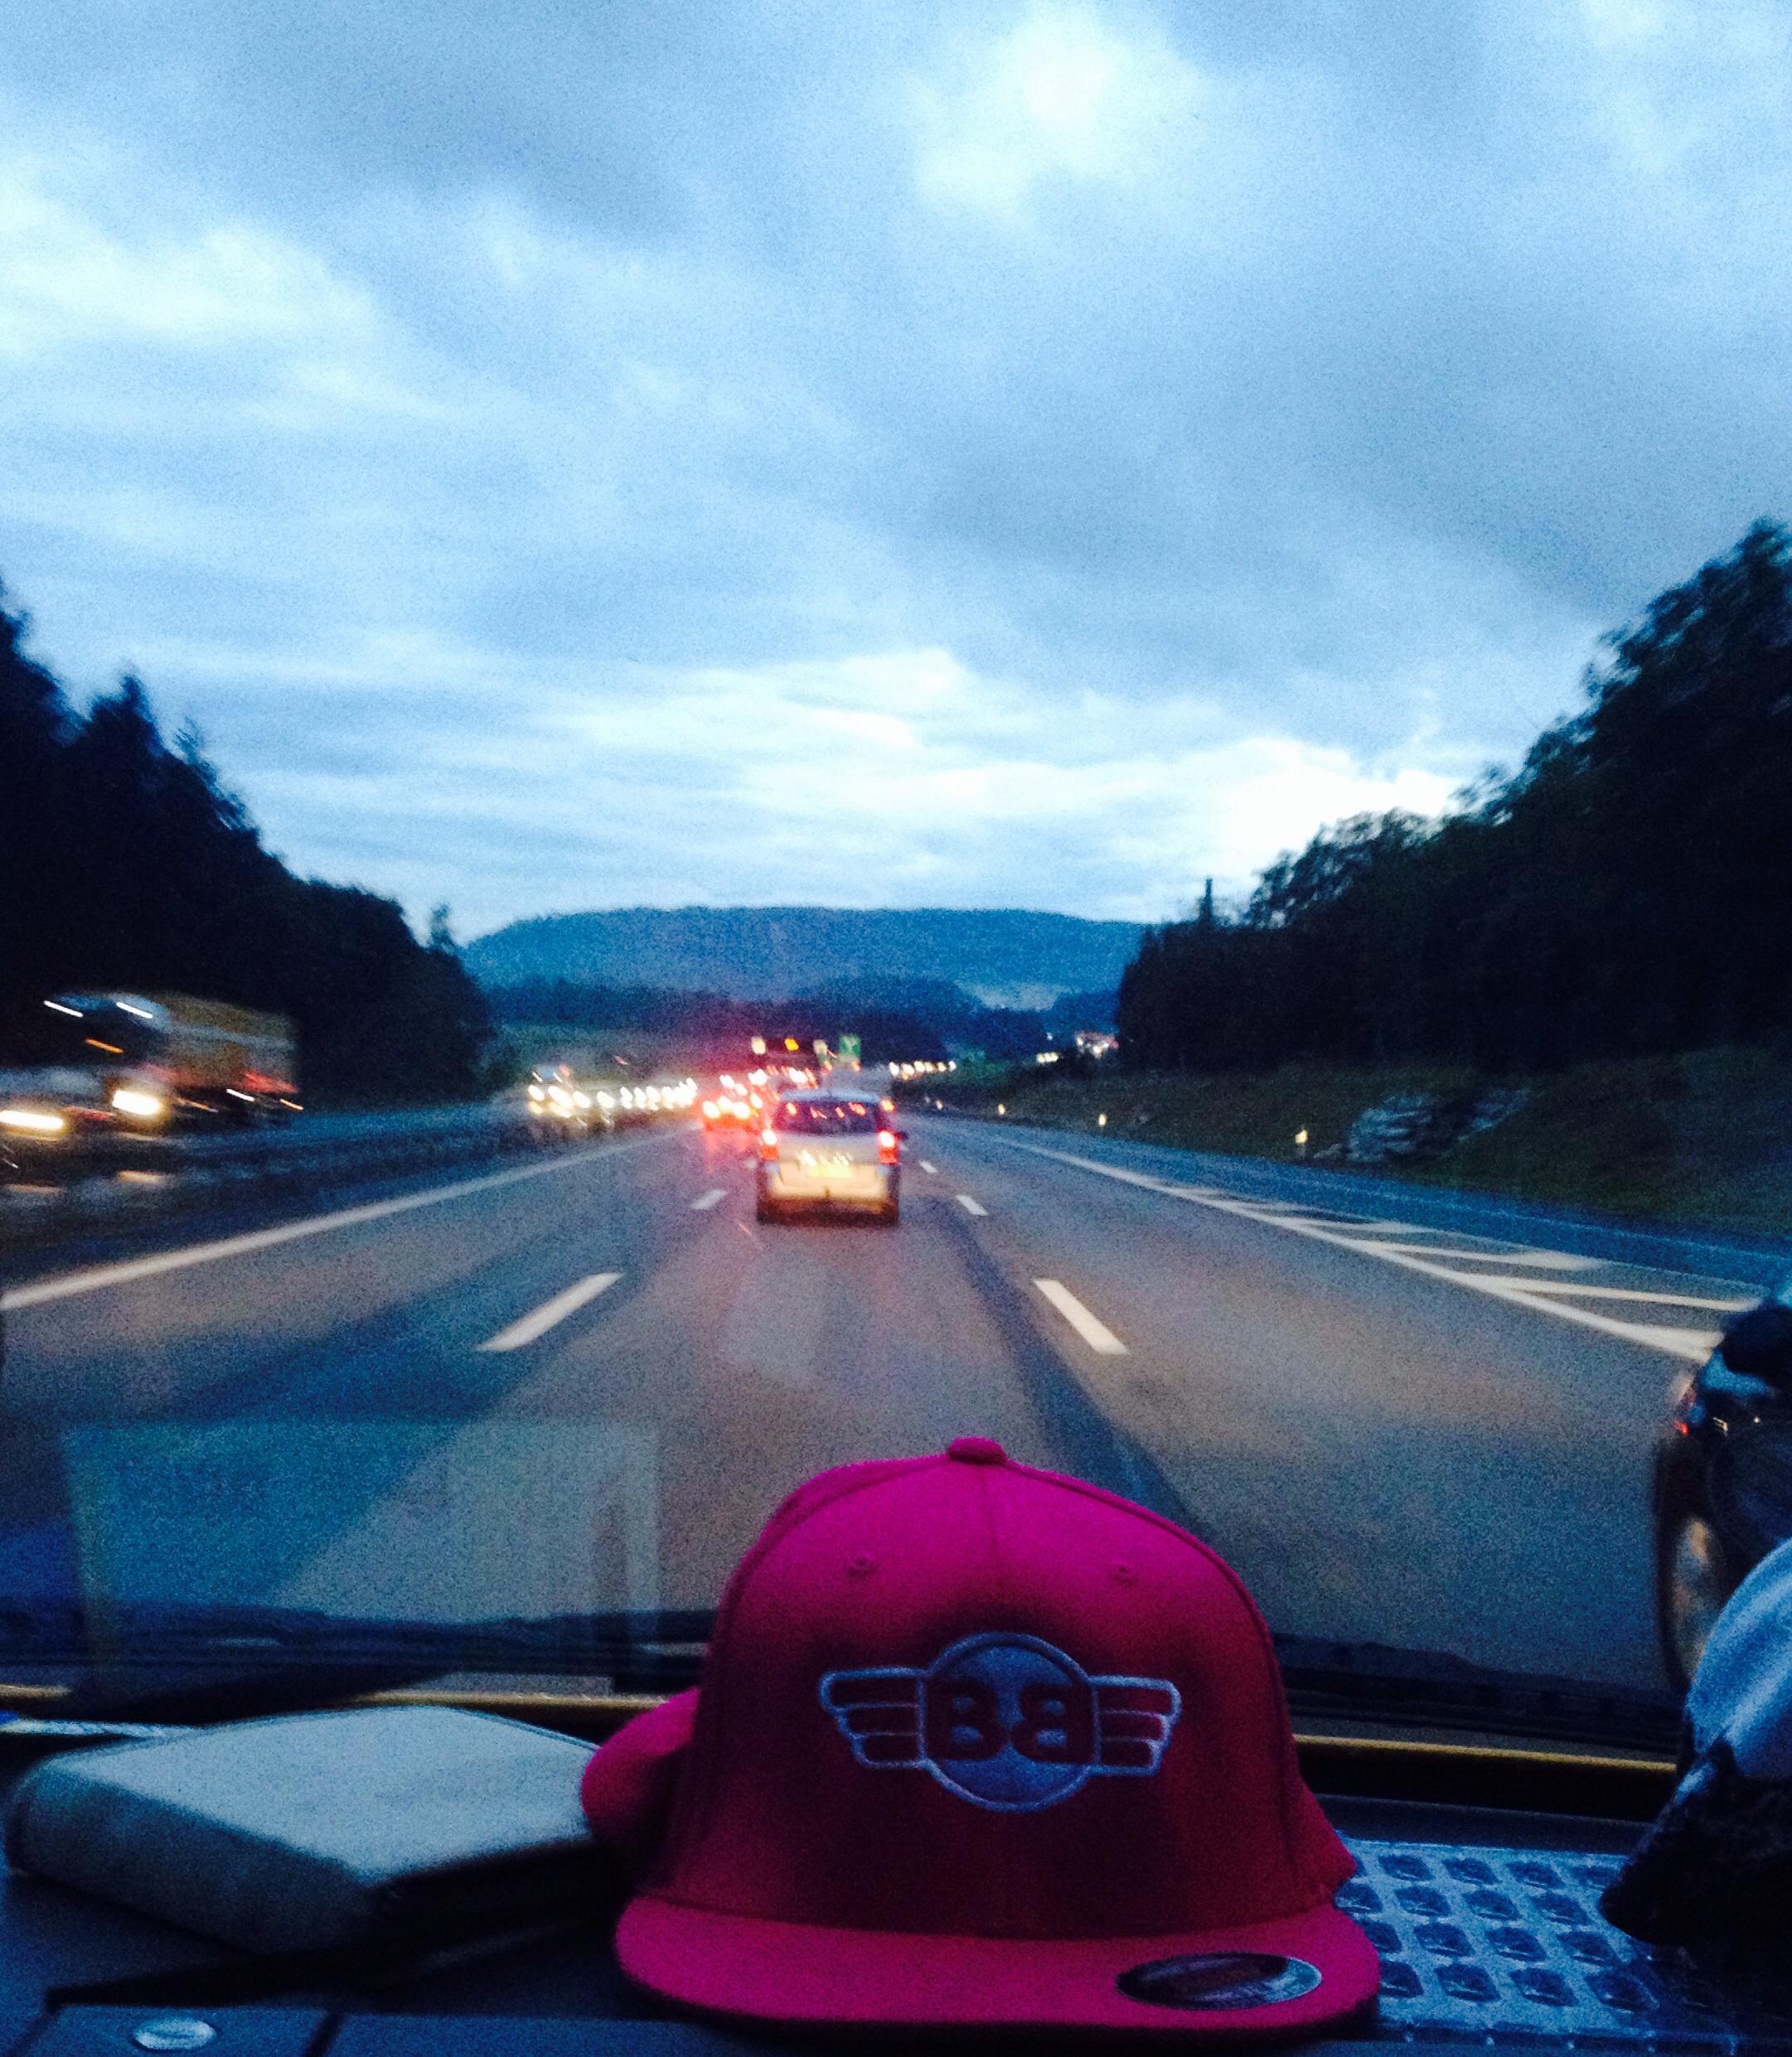 Auf der Autobahn....